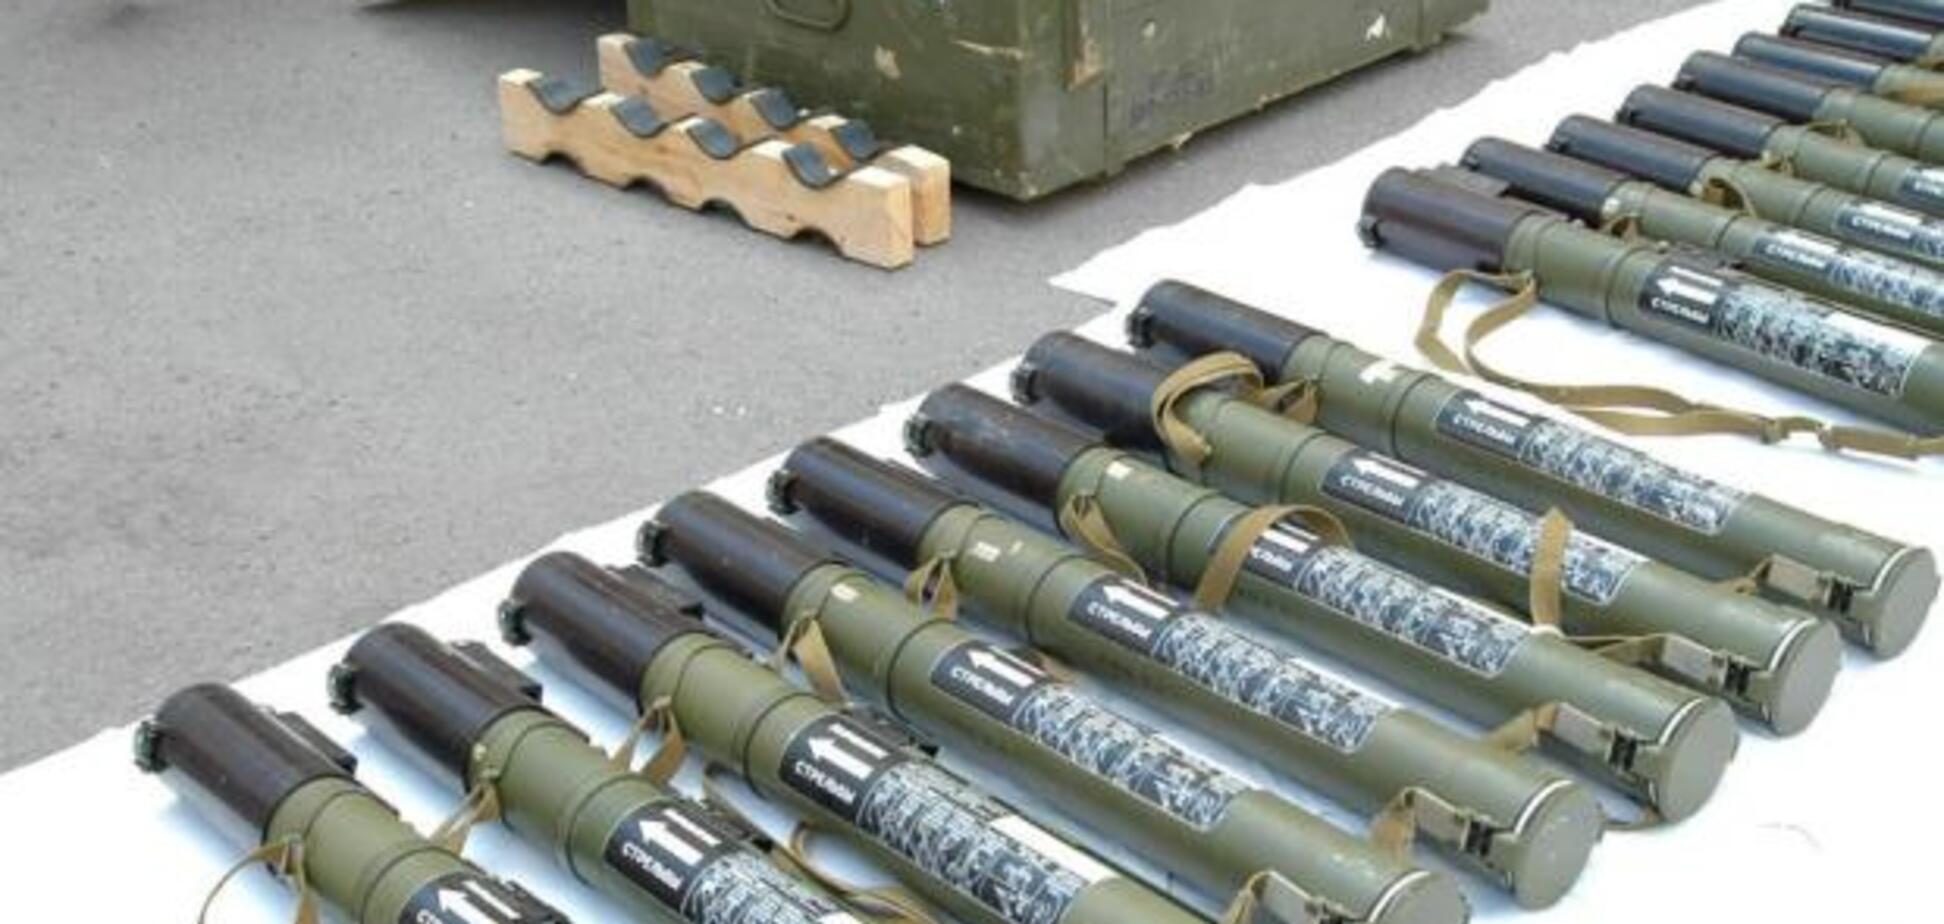 Бойцов ВСУ на Донбассе убивают оружием из Крыма - разведка